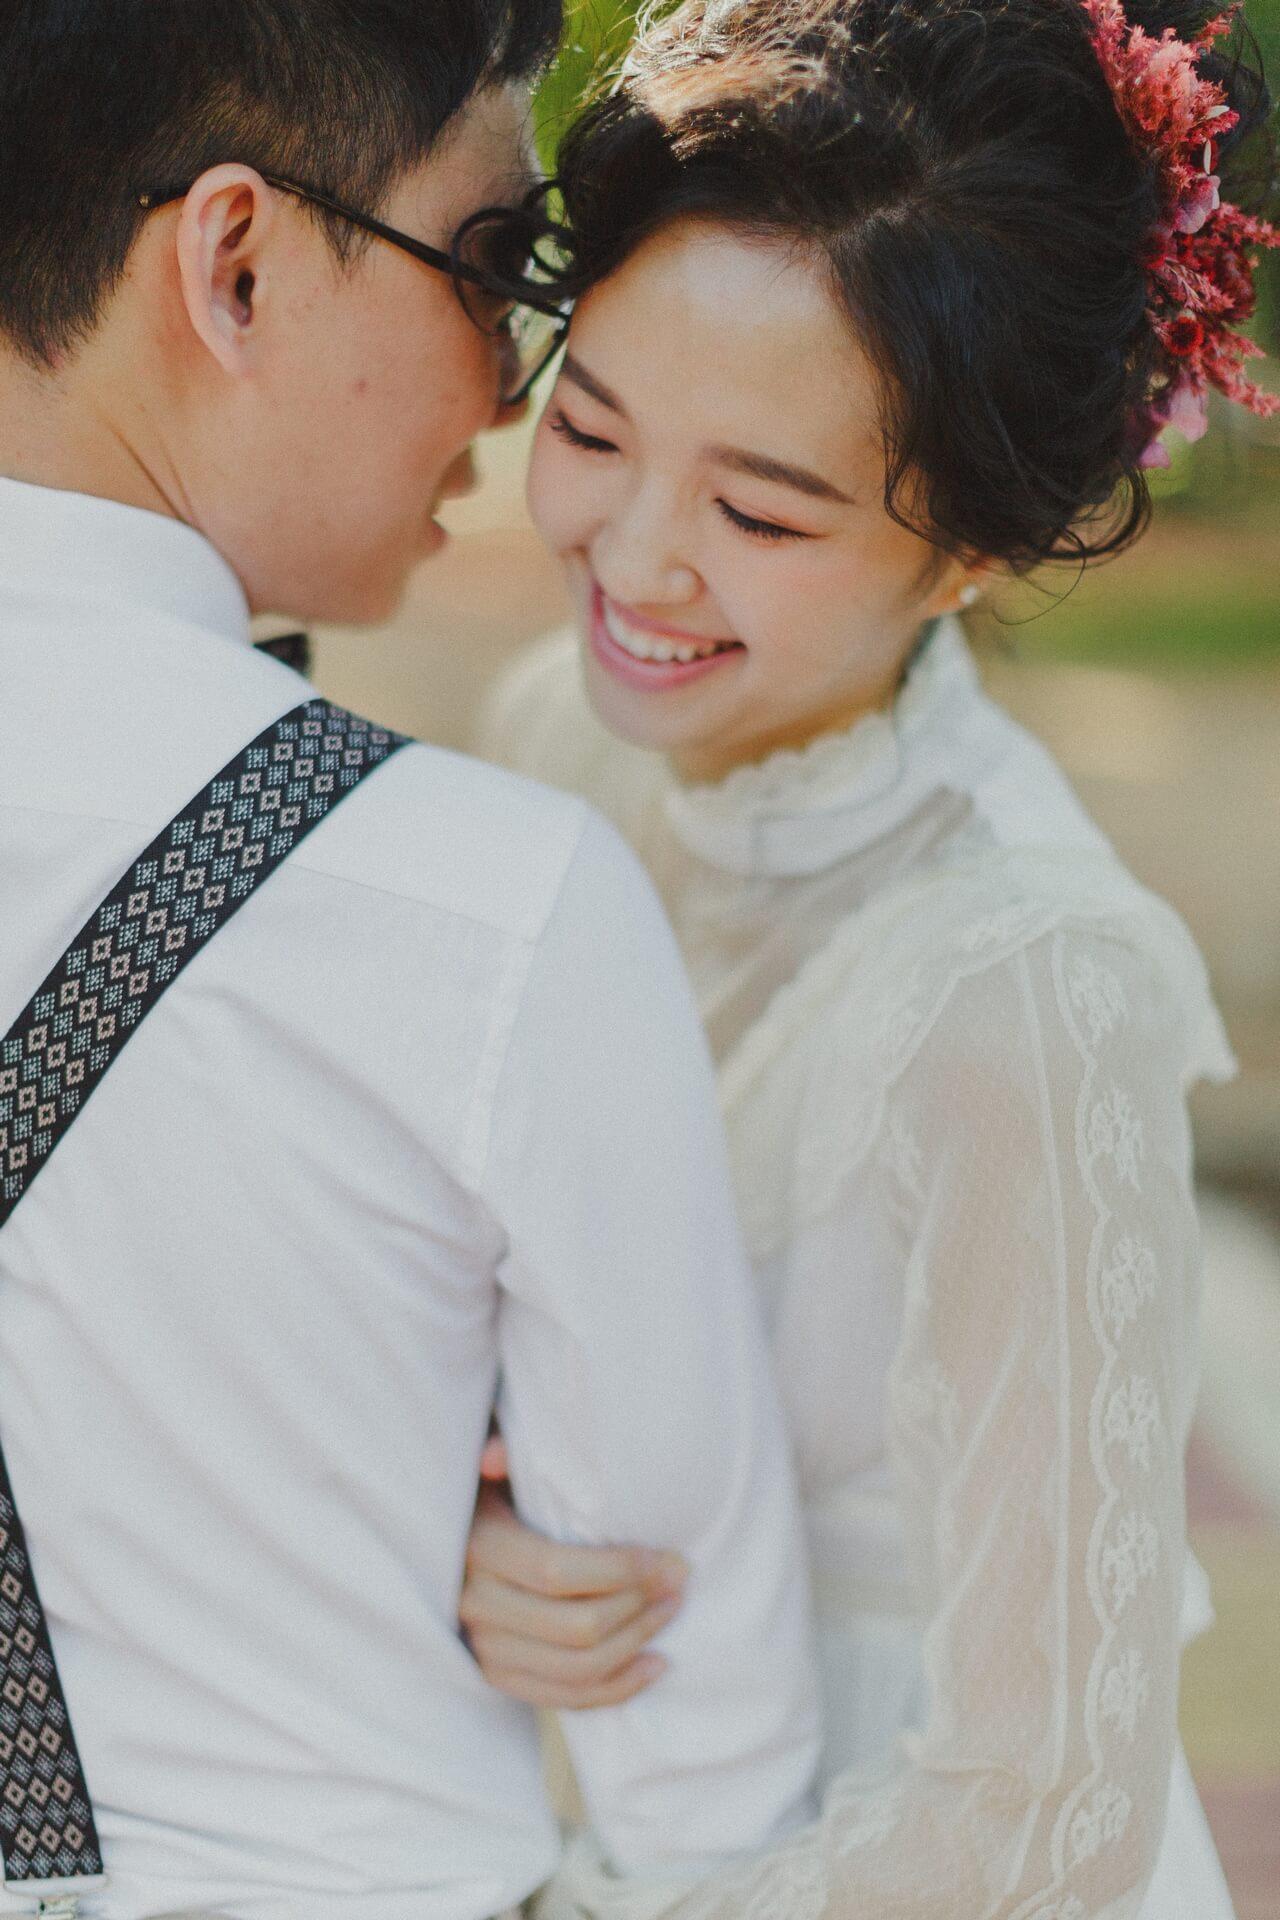 max fine art  攝影工作室 最佳婚禮紀錄推薦 海外婚禮推薦 底片風格 戶外婚禮推薦 台北婚攝 婚攝推薦 推薦婚攝 - 0014 (複製).jpg